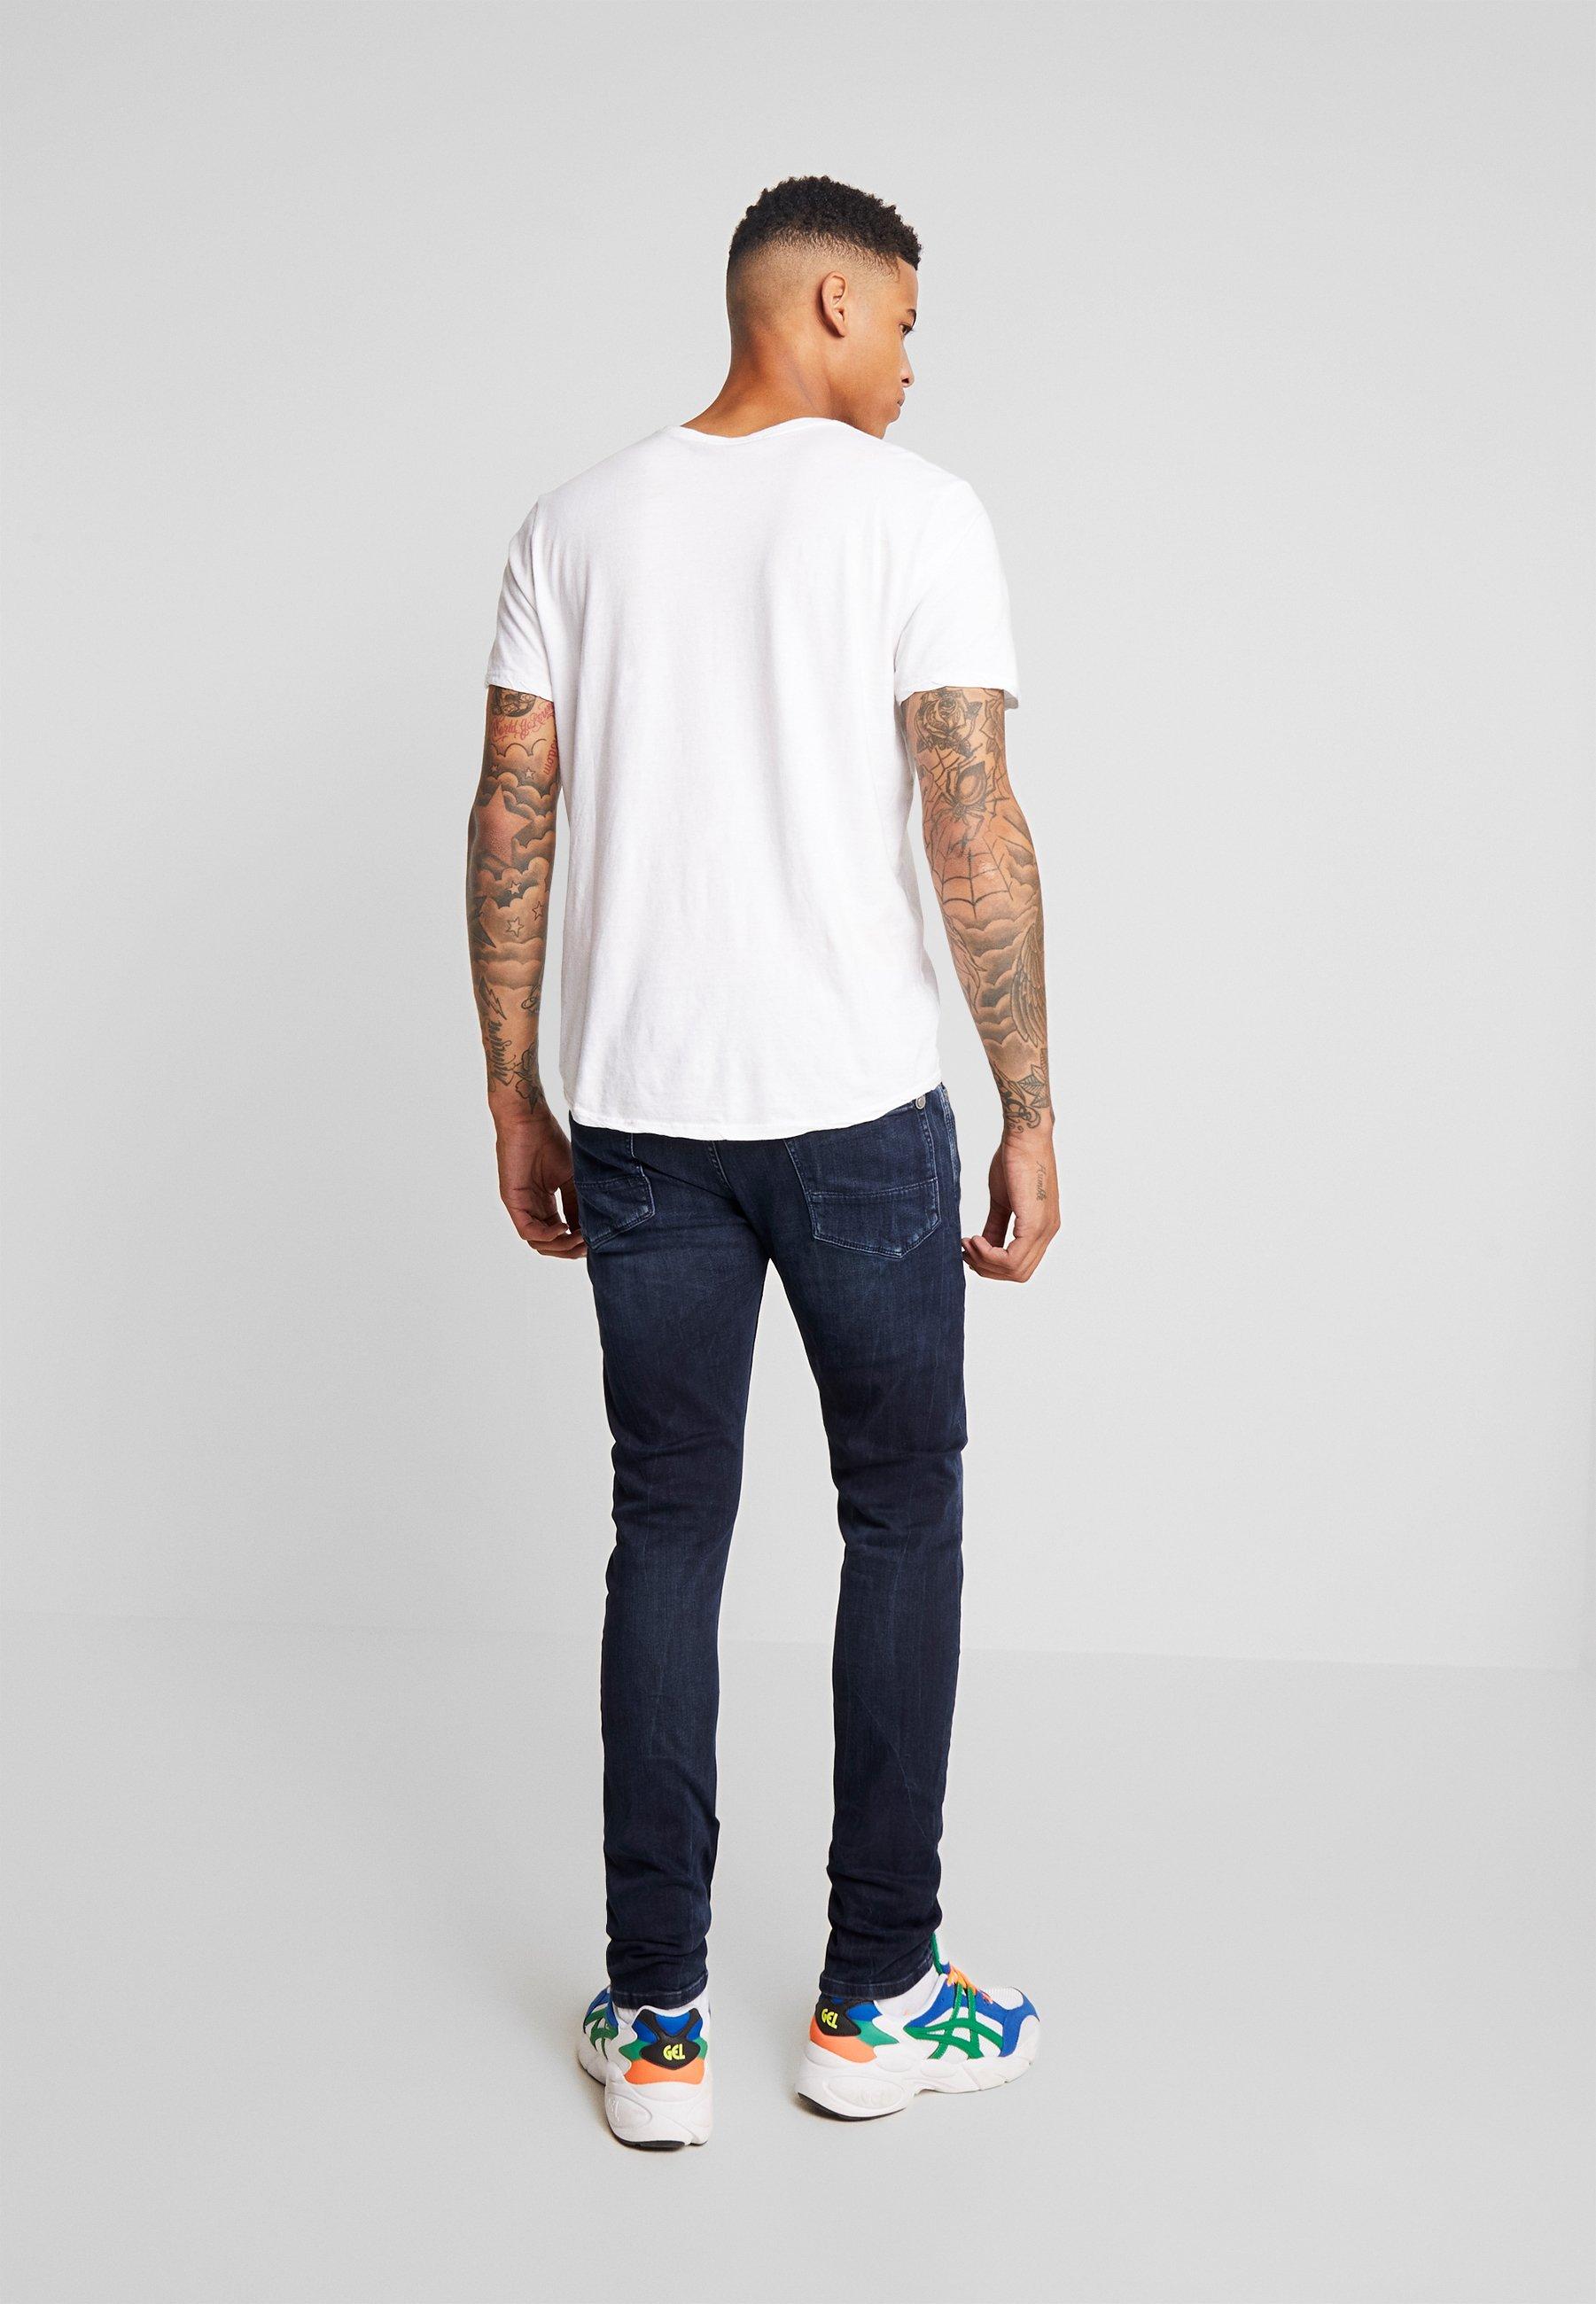 Denim Jeans Jeans Pepe FinsburySkinny Fit Pepe FinsburySkinny srdQth